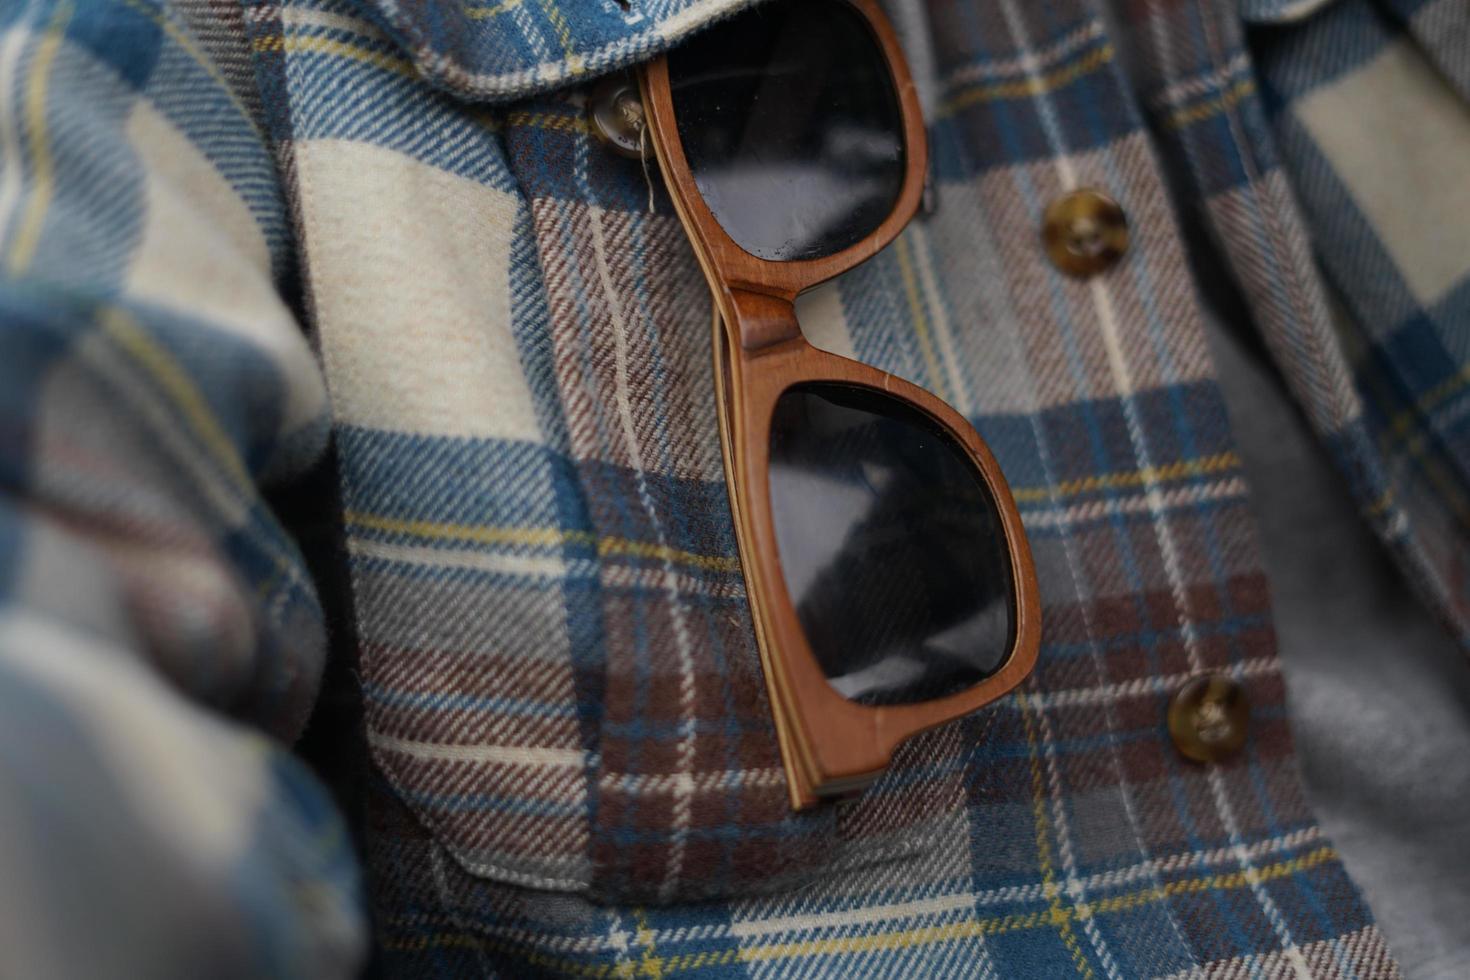 gafas de sol con montura marrón foto